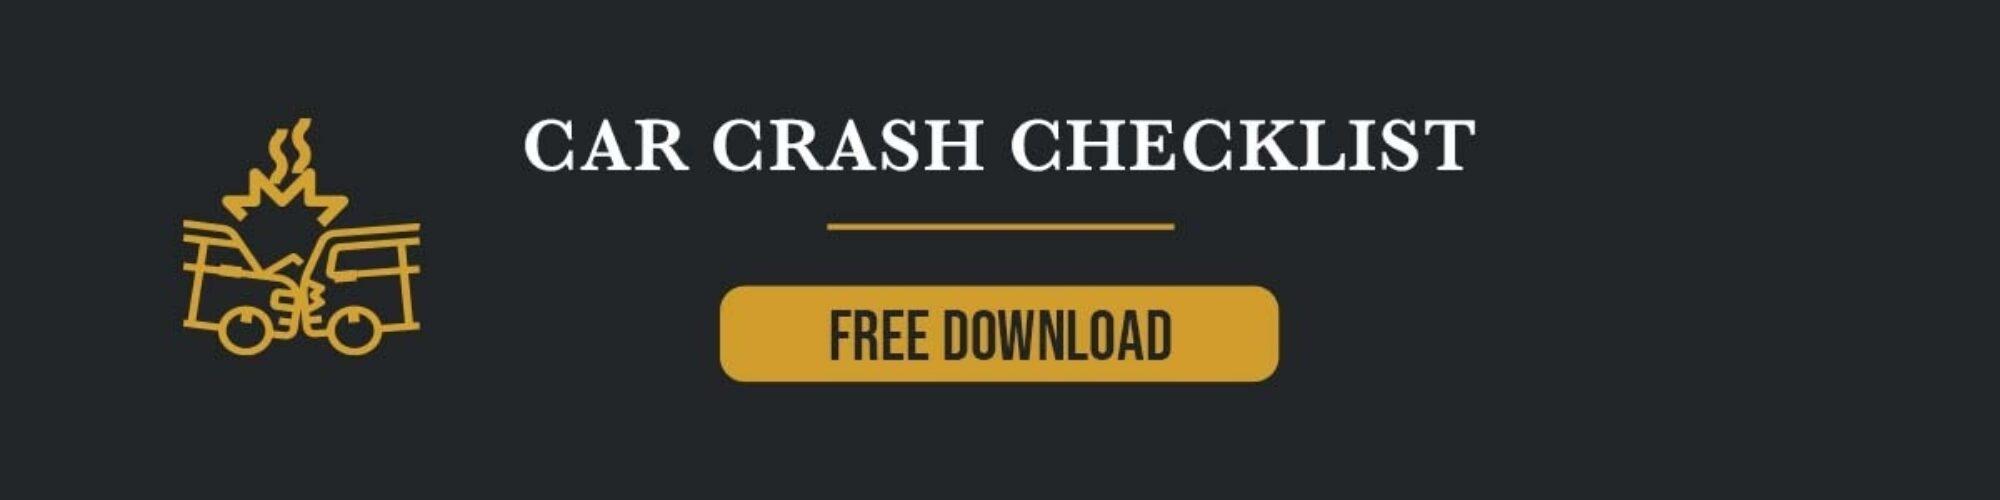 Car Crash Checklist CTA